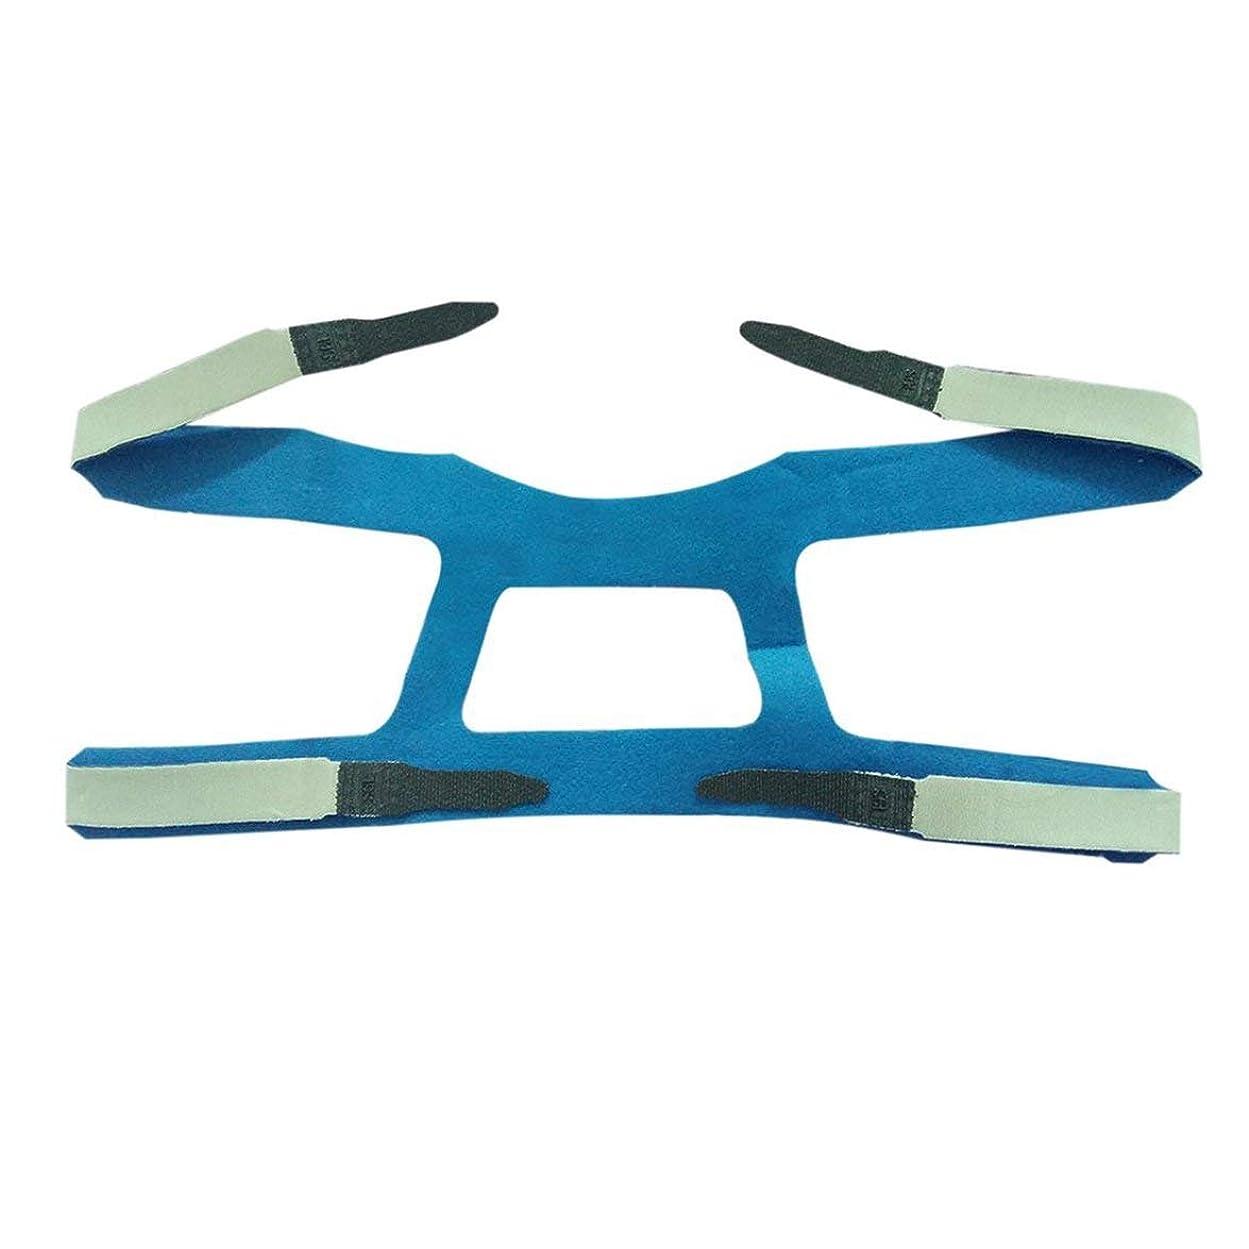 アルカトラズ島賞実験的intercorey保護ギアユニバーサルデザインヘッドギアコンフォートジェルフルマスク安全な環境の取り替えCPAPヘッドバンドなしマスク用PHILPS